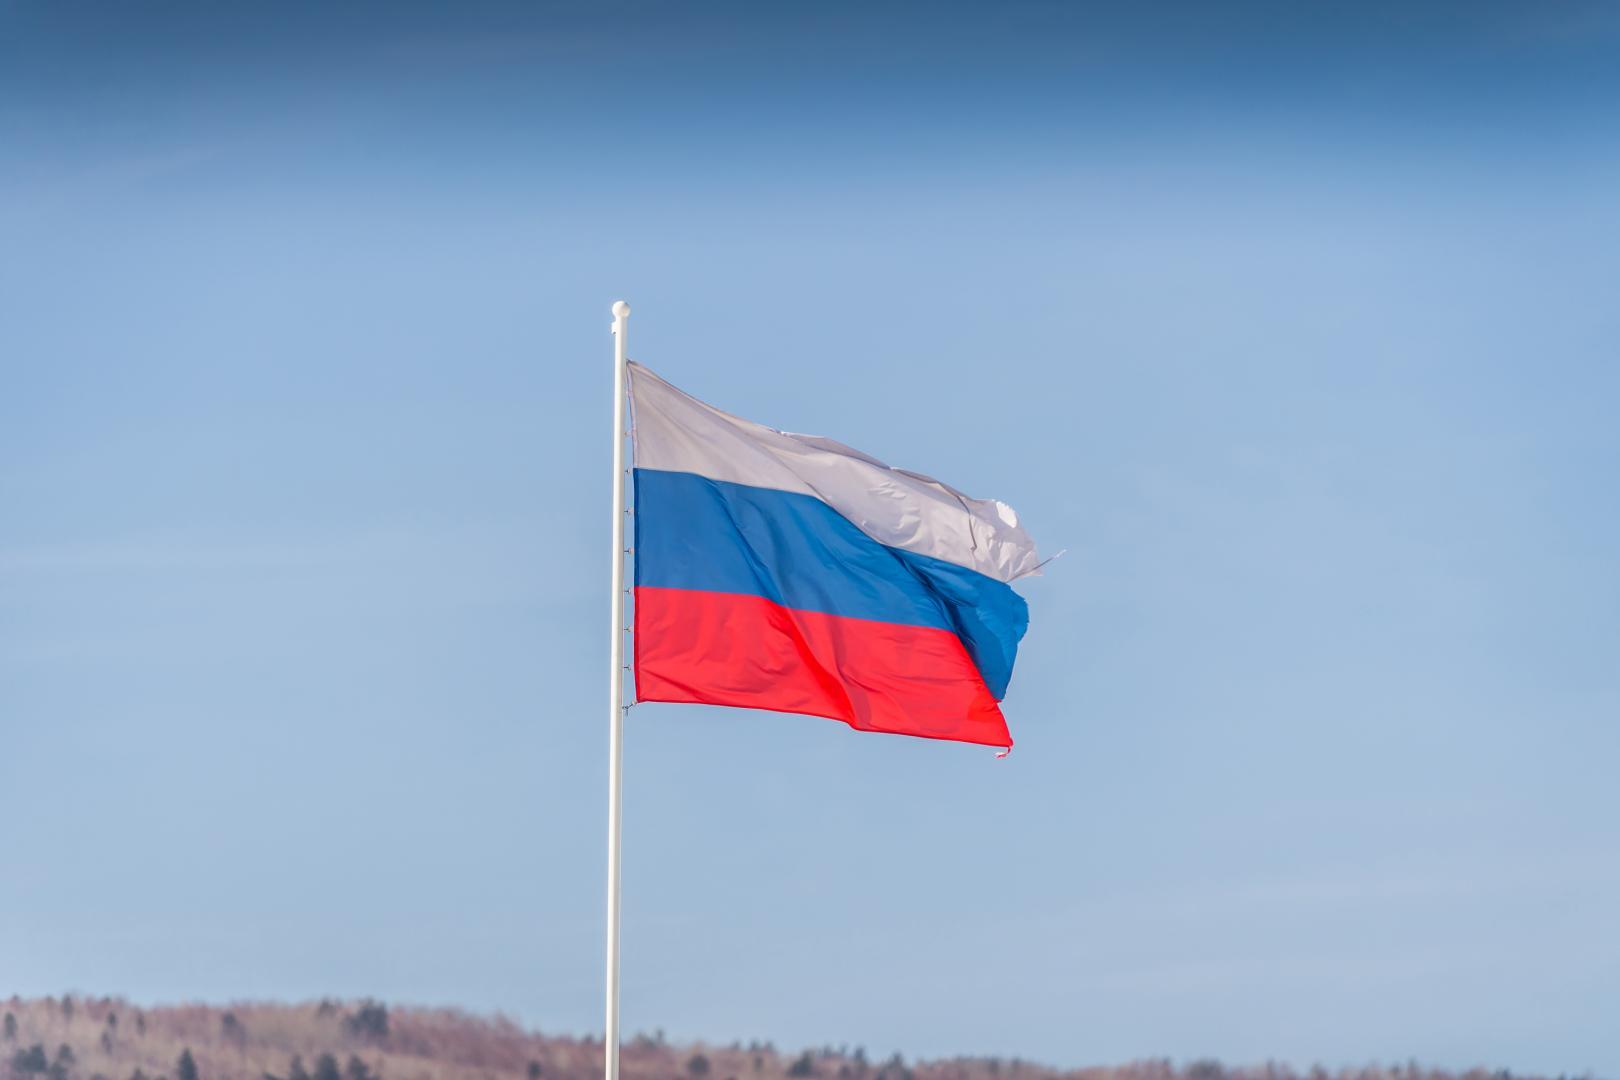 Baikalmeer: Mazda CX-5 en Russische vlag (2018)